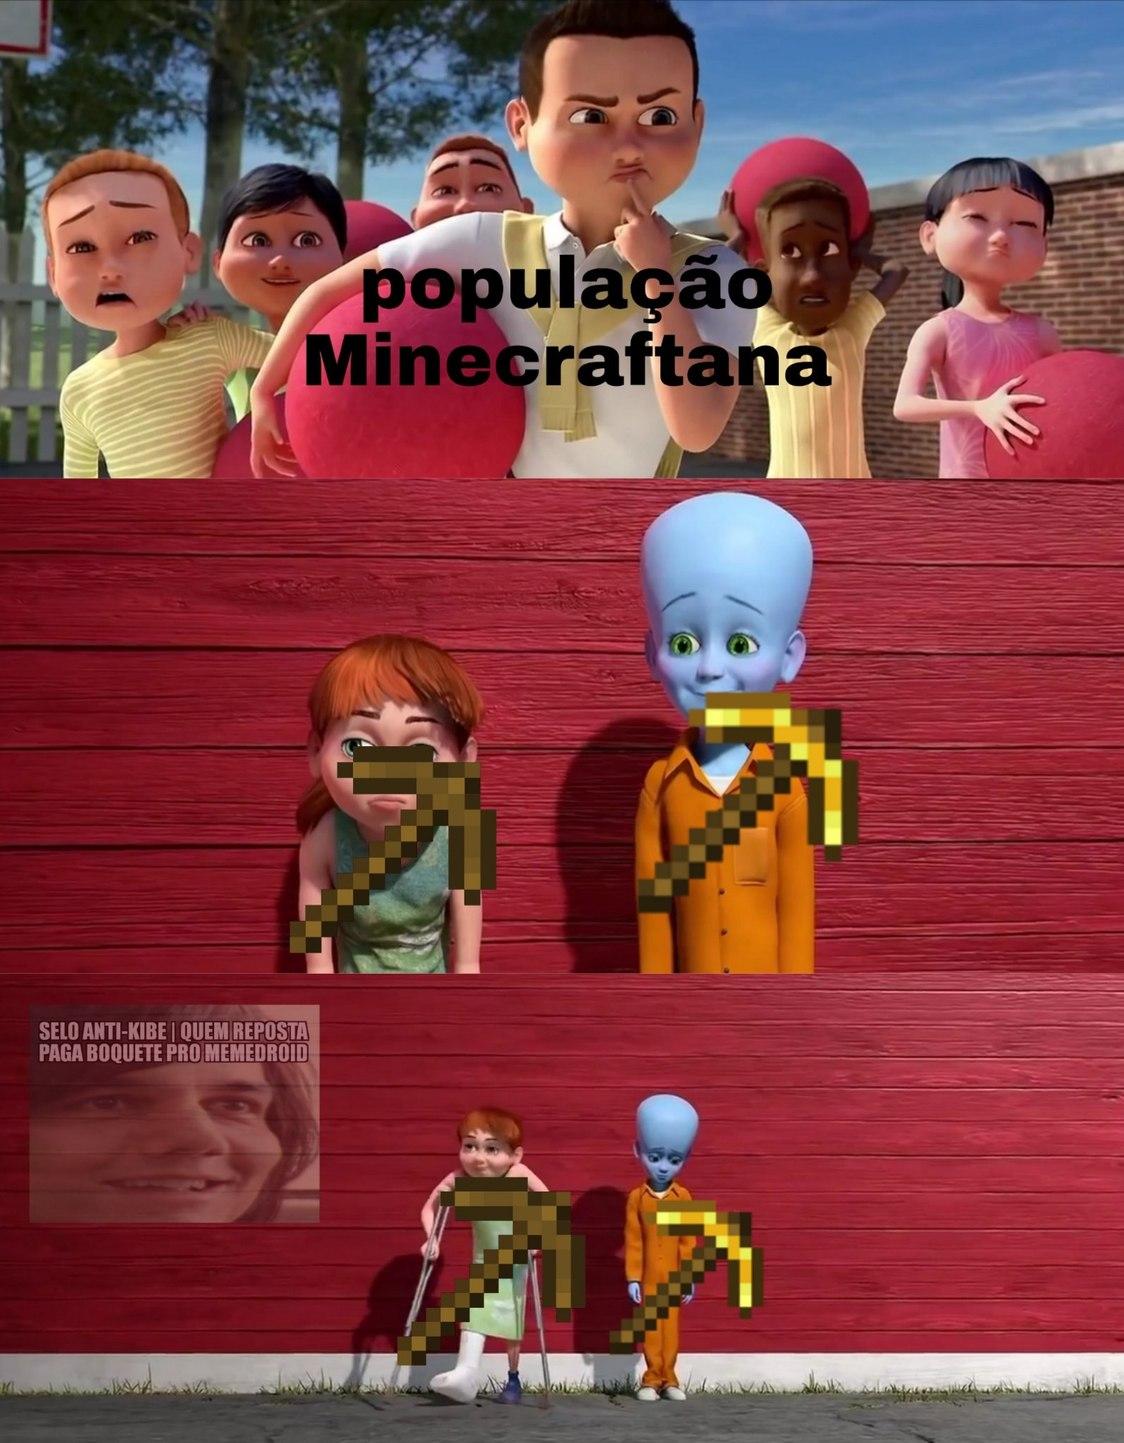 F para a picareta de ouro - meme